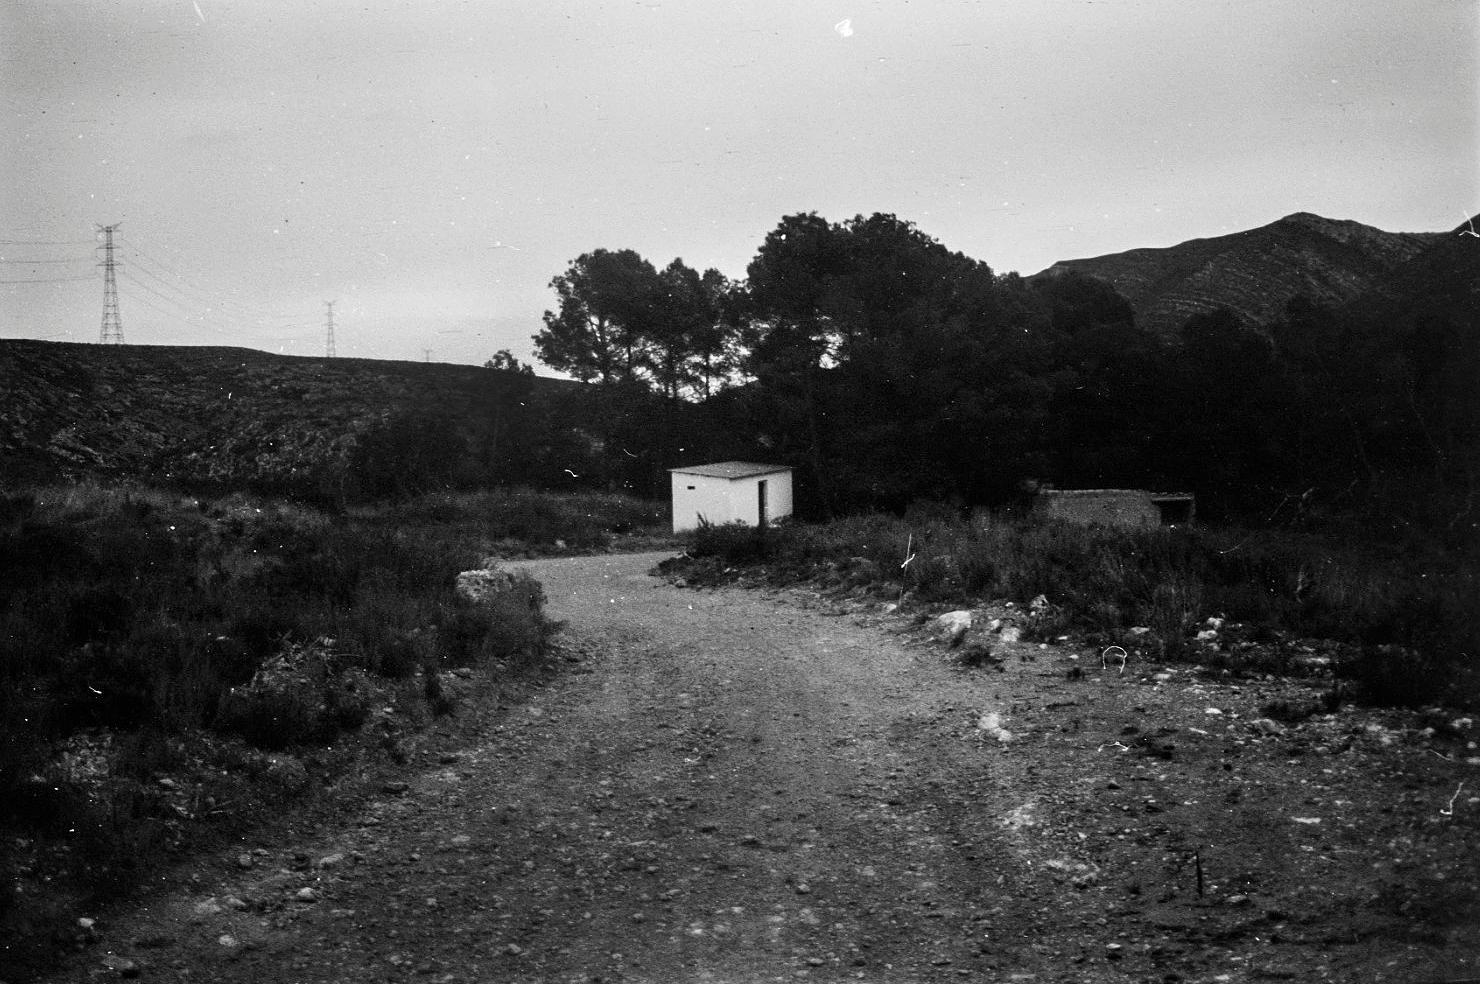 Ana Peixet en Contrafotografía - Dos Aguas revelado con la fuente del pueblo